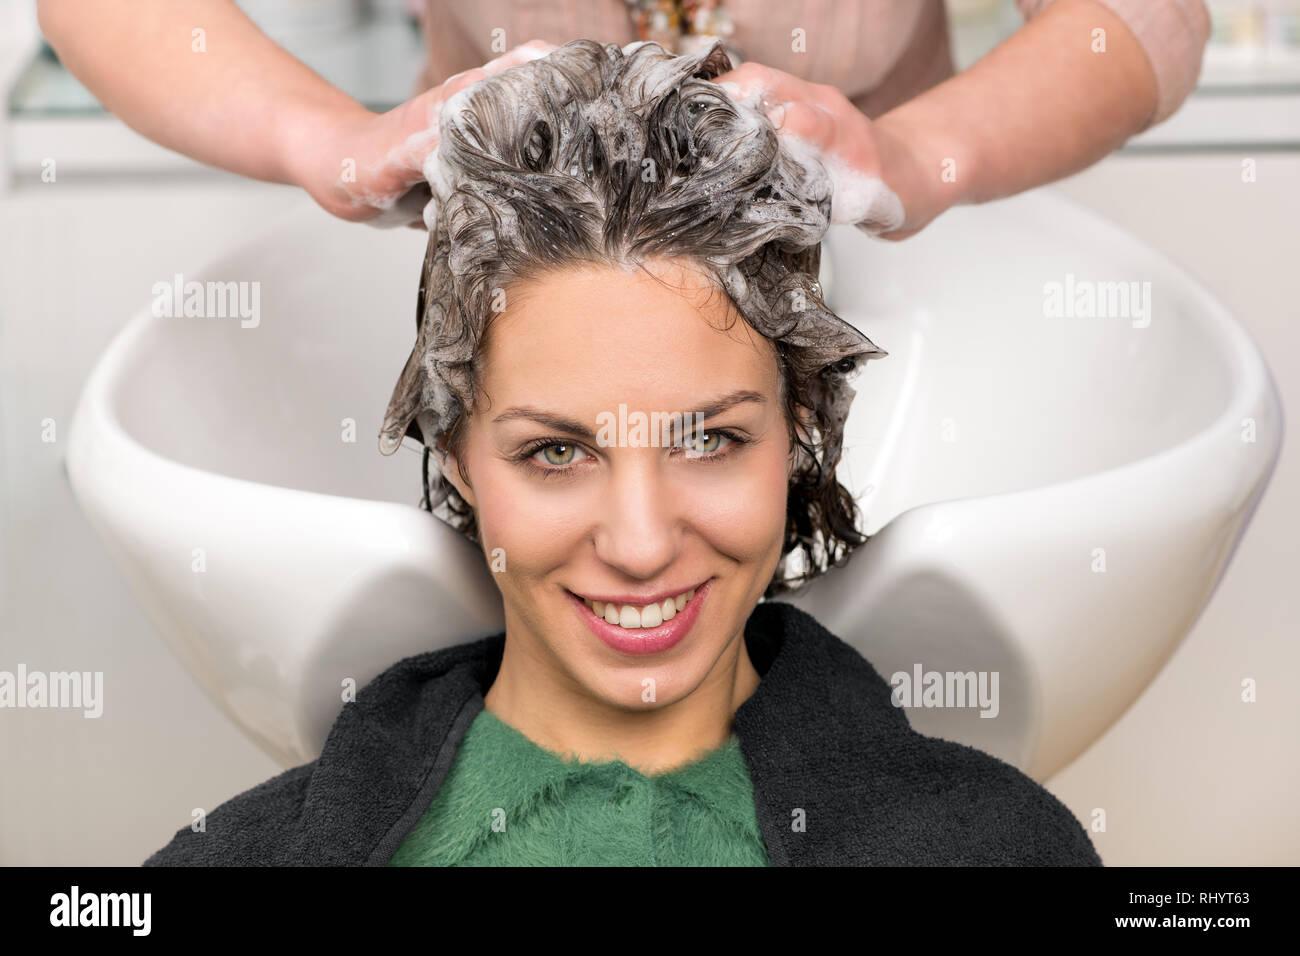 Carino giovane ragazza con i capelli lavati con shampoo per le mani del  parrucchiere professionale al d7e1b57b8204